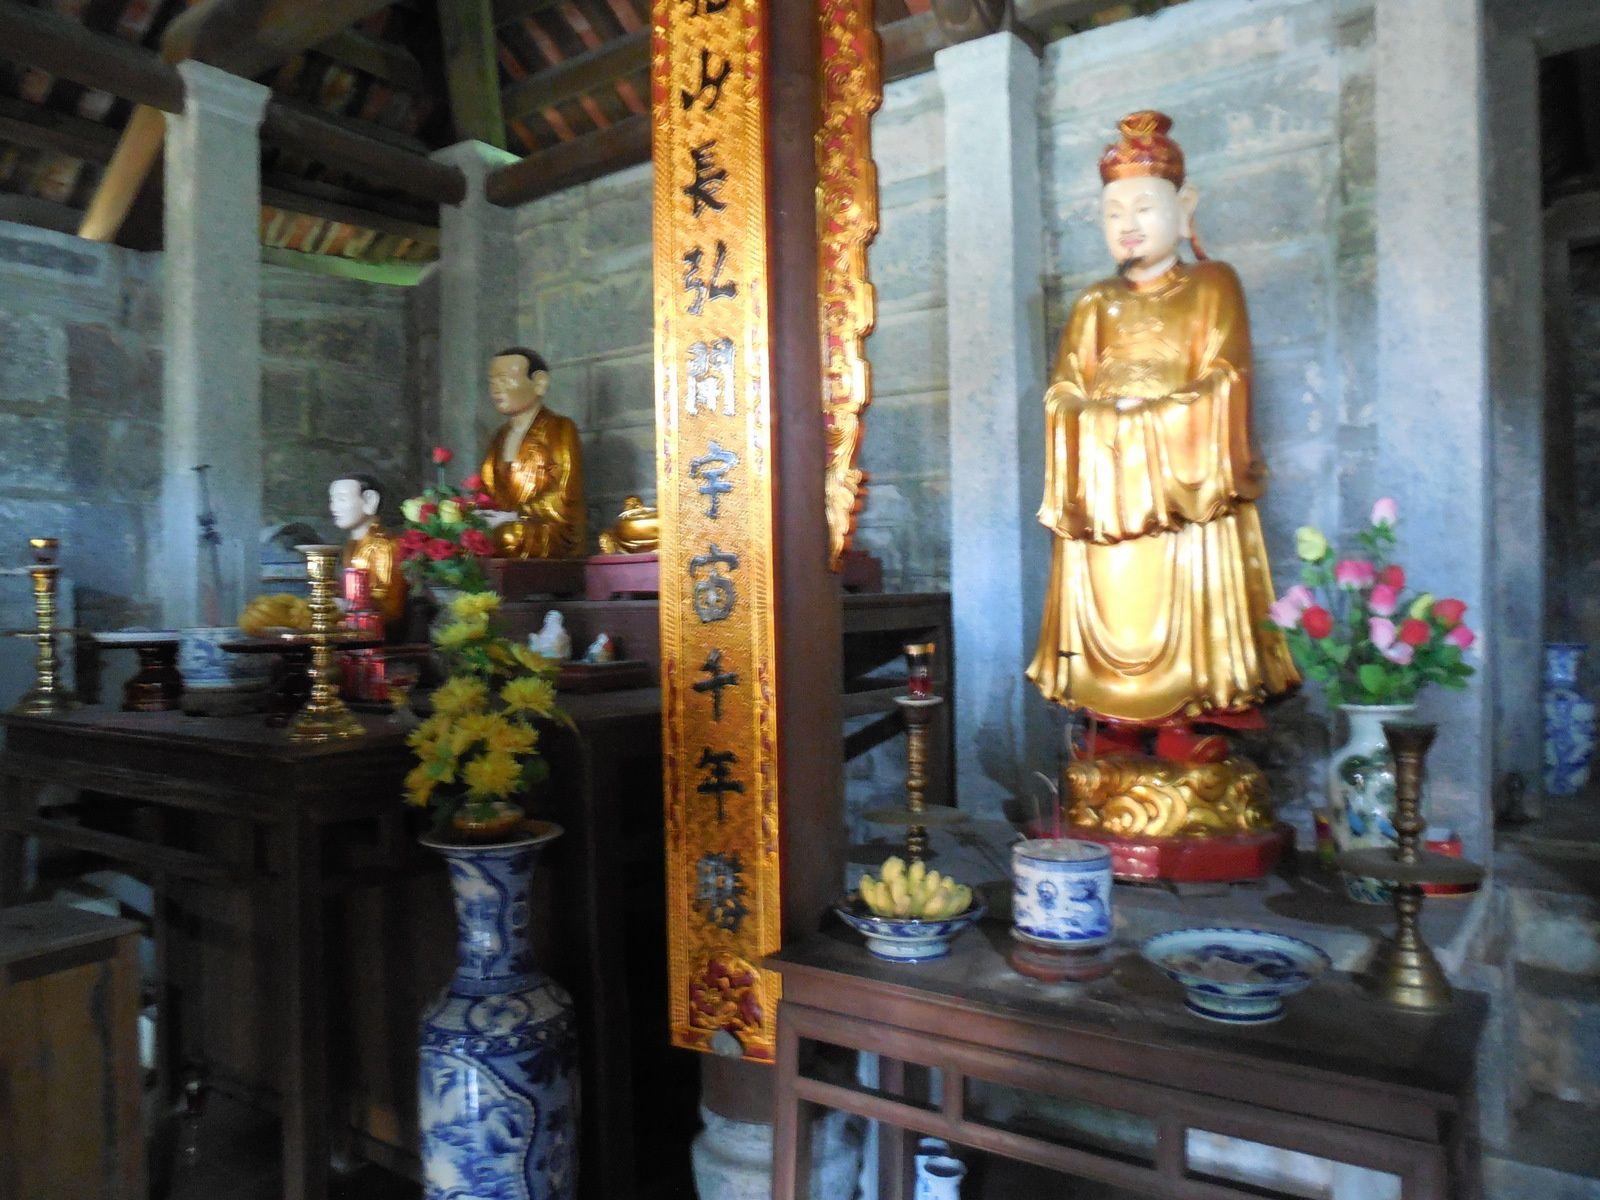 composée de 5 pièces destinées au culte de Bouddha.